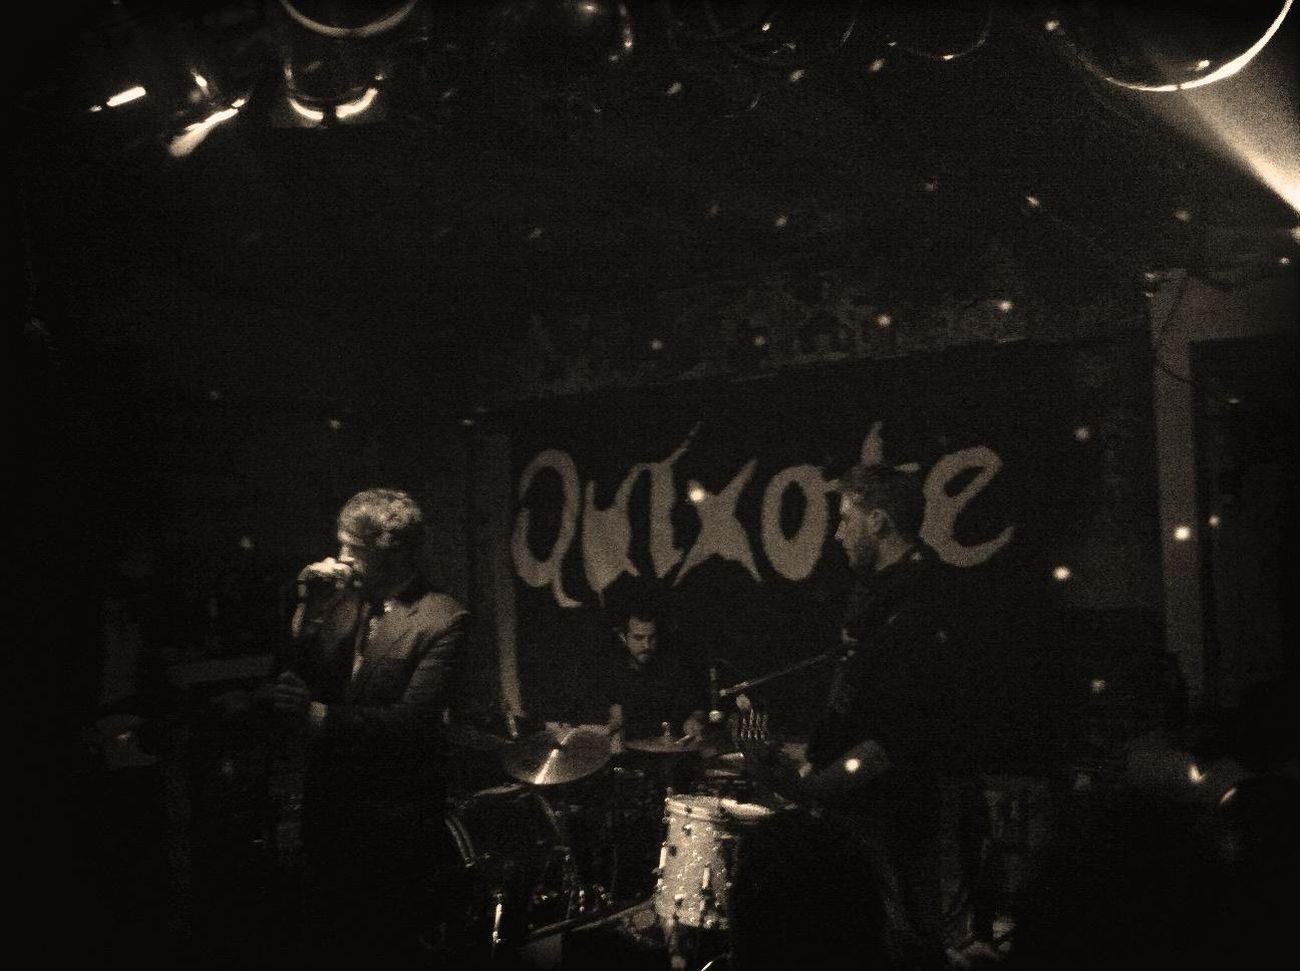 quixote at Antje Öklesund Quixote